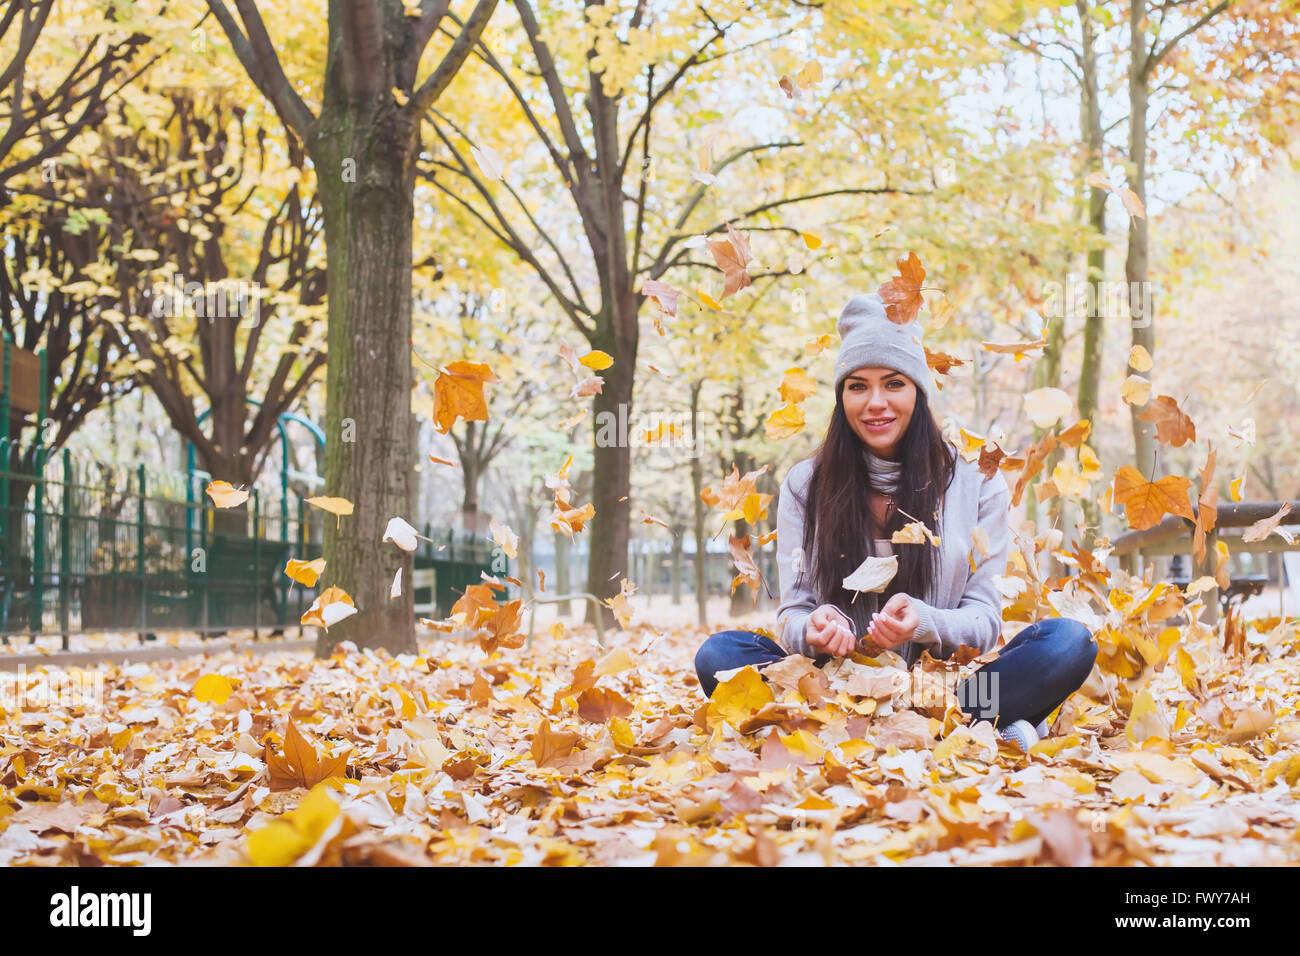 Herbst Park lässt wunderschöne lächelnde Frau und fallen gelb Stockbild